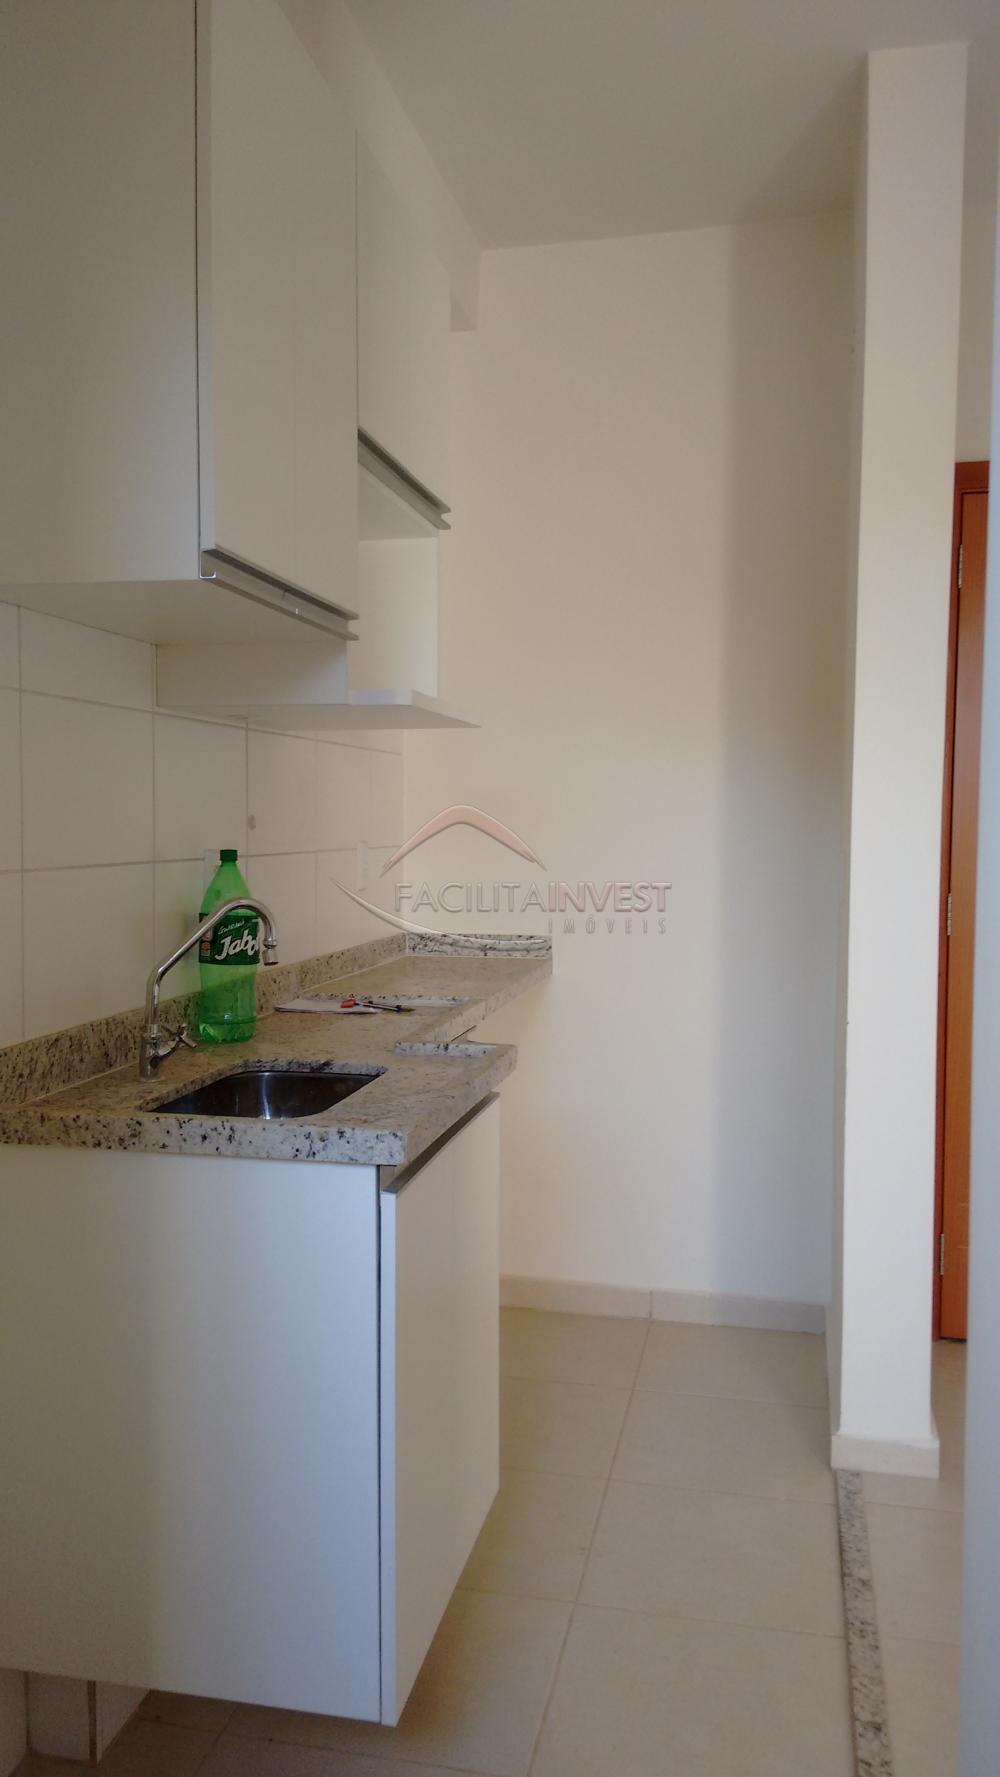 Alugar Apartamentos / Apart. Padrão em Ribeirão Preto apenas R$ 780,00 - Foto 12